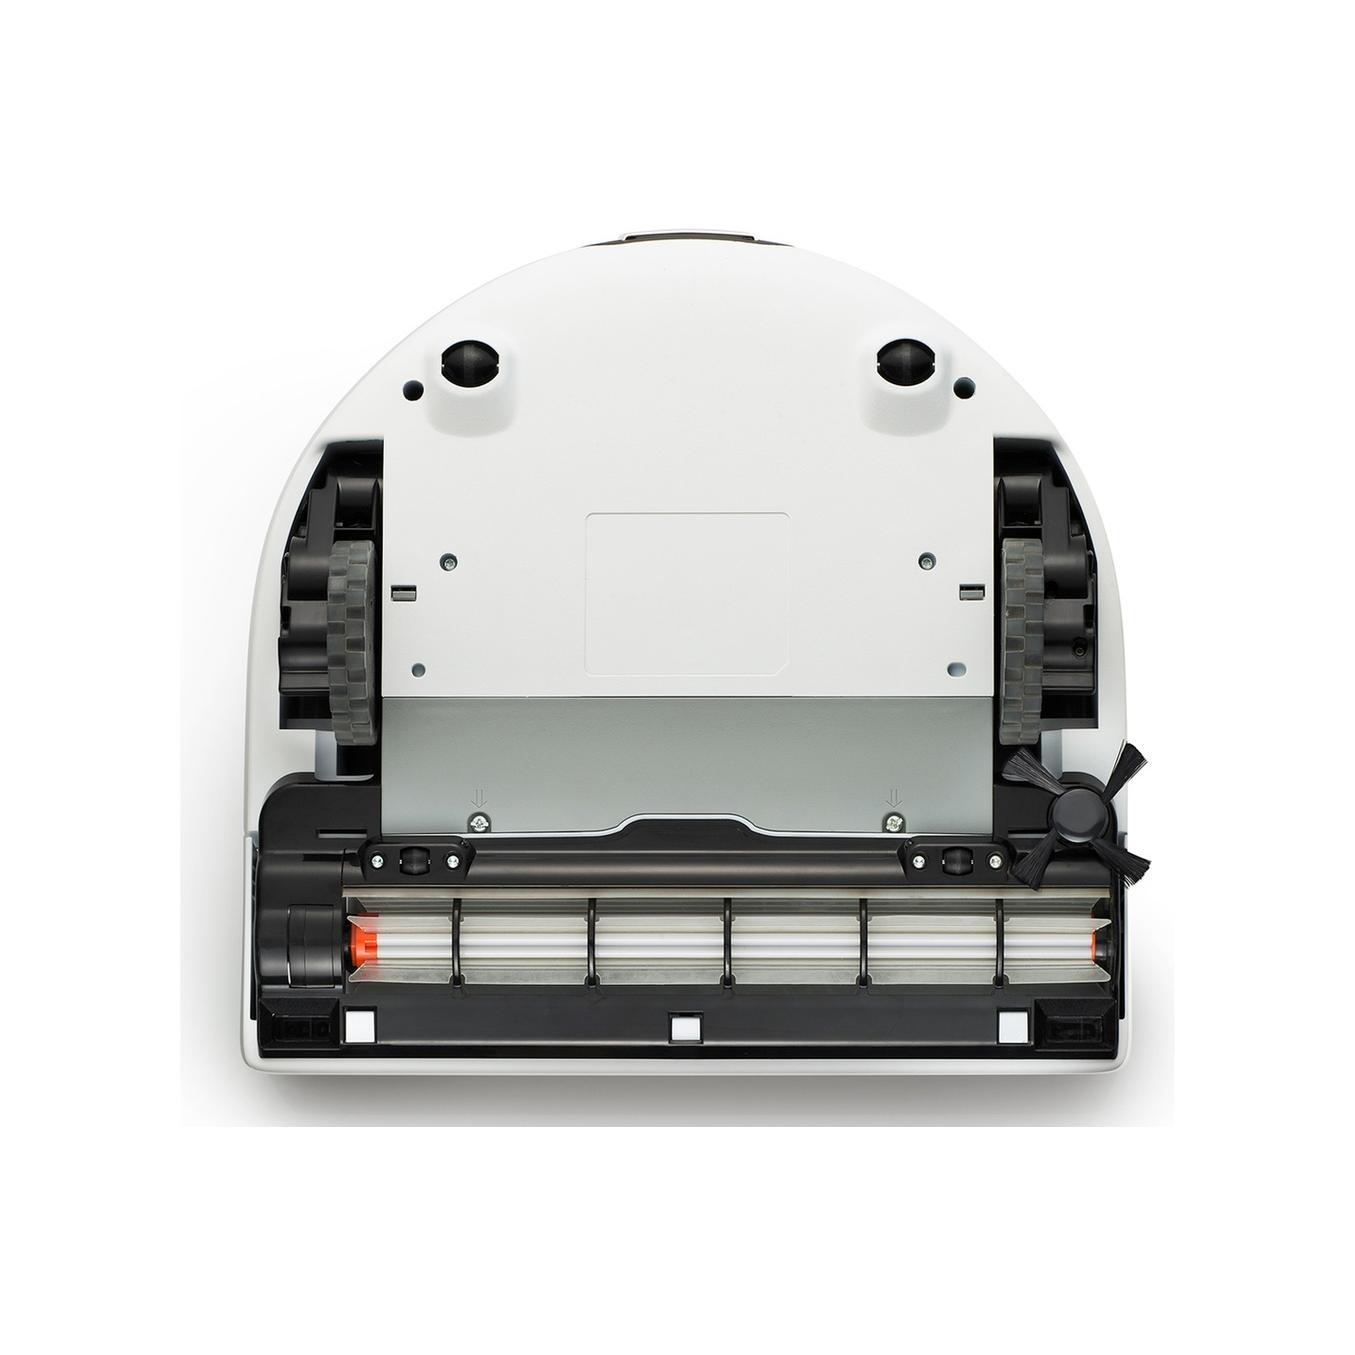 ASPIRADOR ROBOT NEATO BOTVAC D85